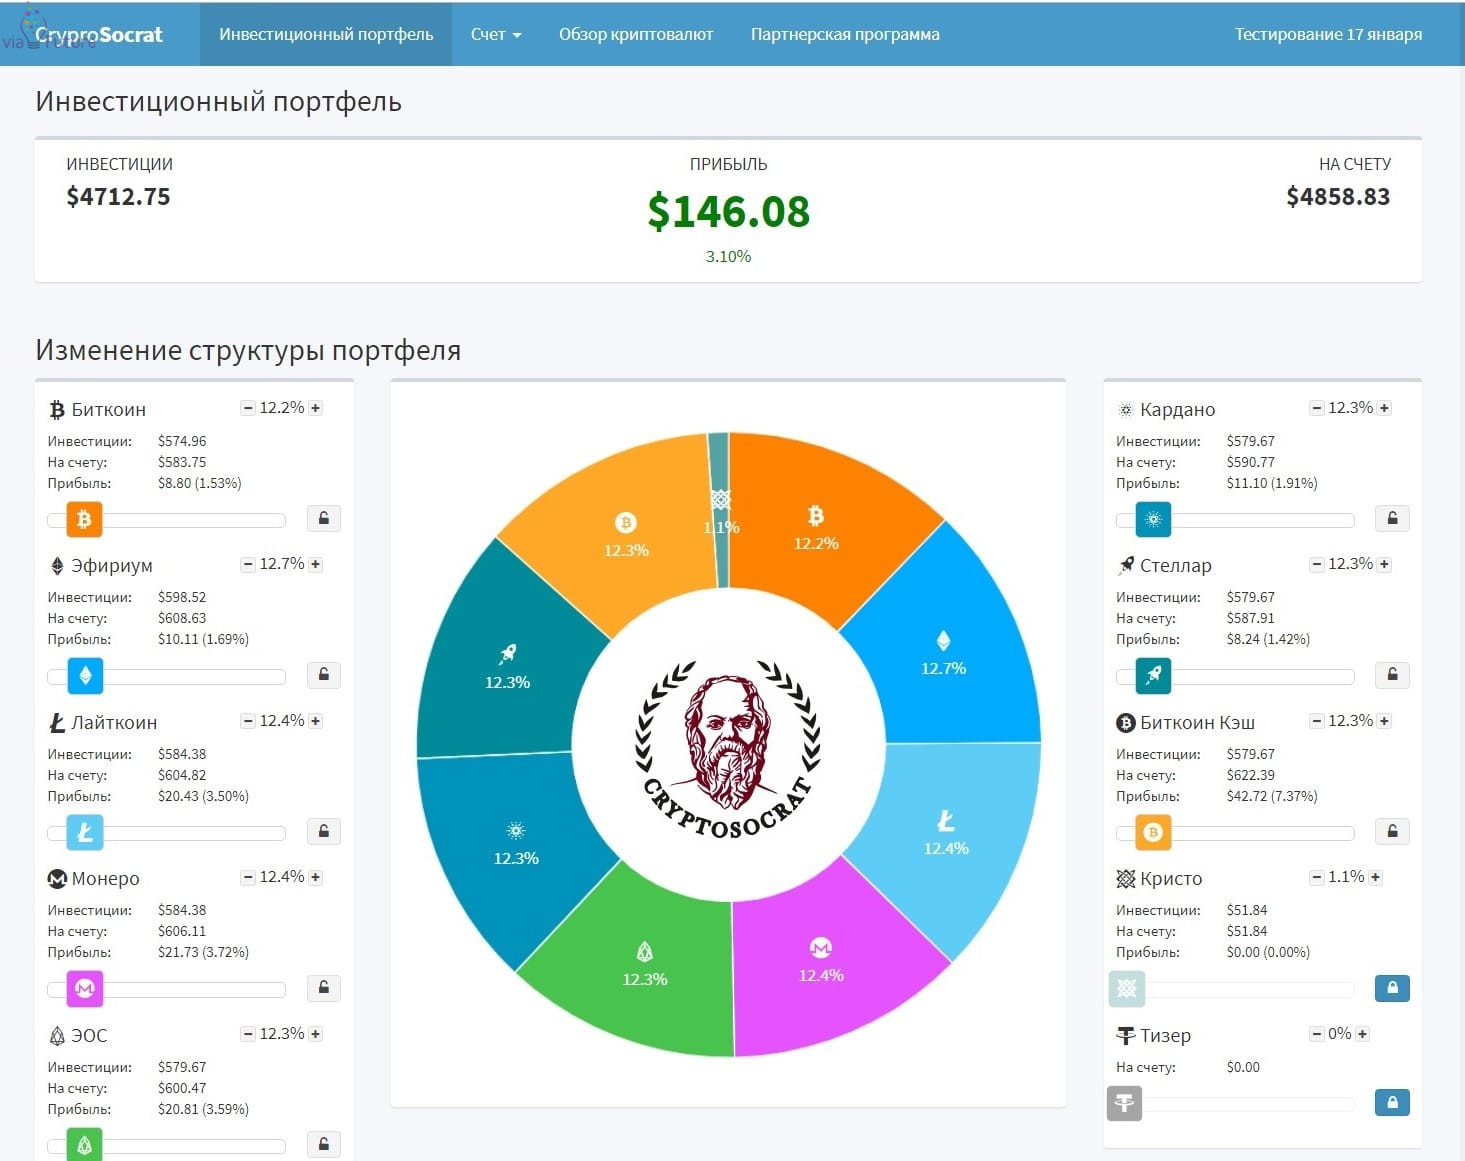 platforma-dlya-investicij-cryptosocrat